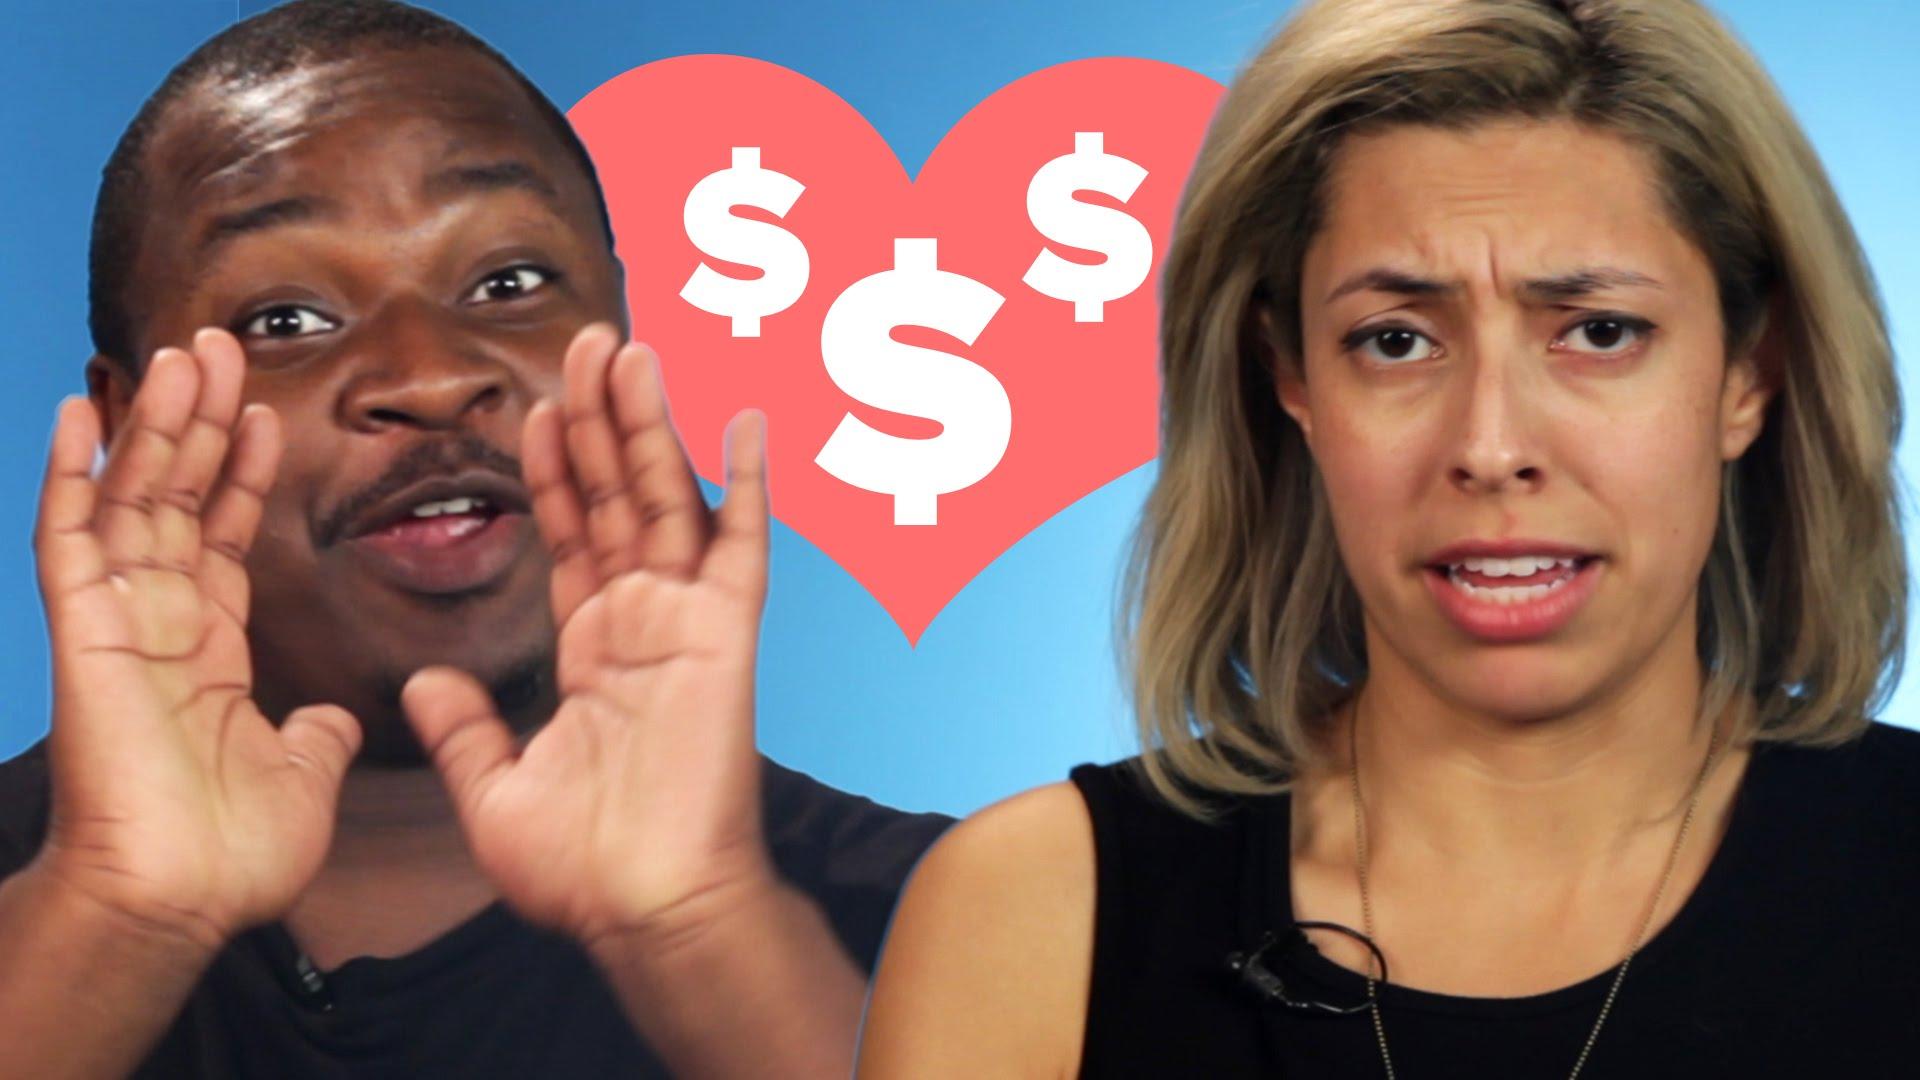 男女糾察隊:第一次約會誰買單?